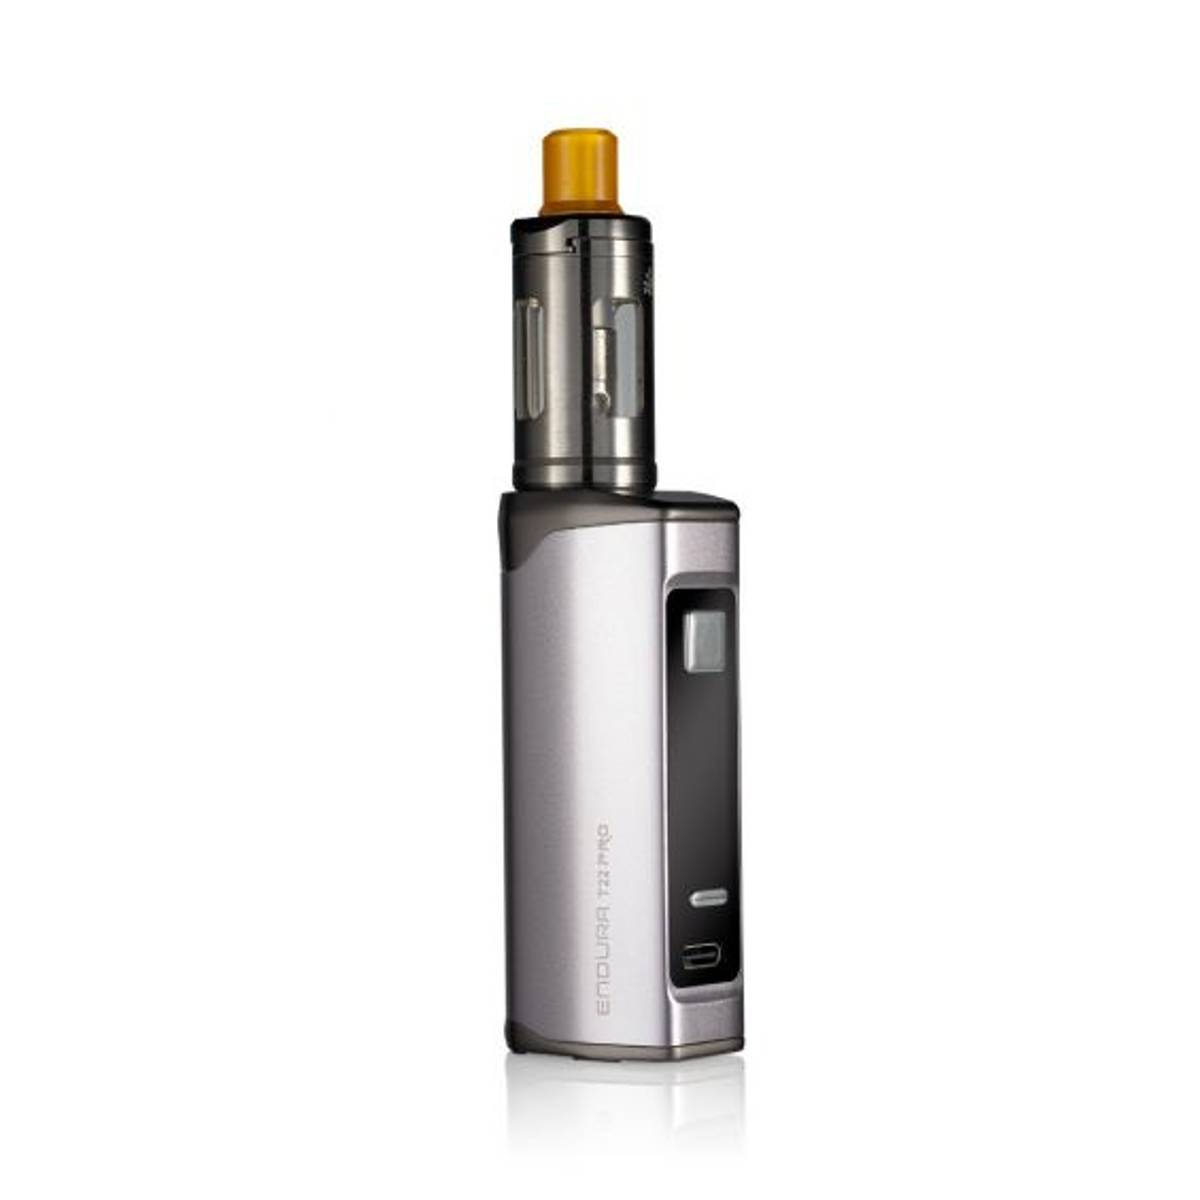 Innokin Endura T22 Pro Box Kit